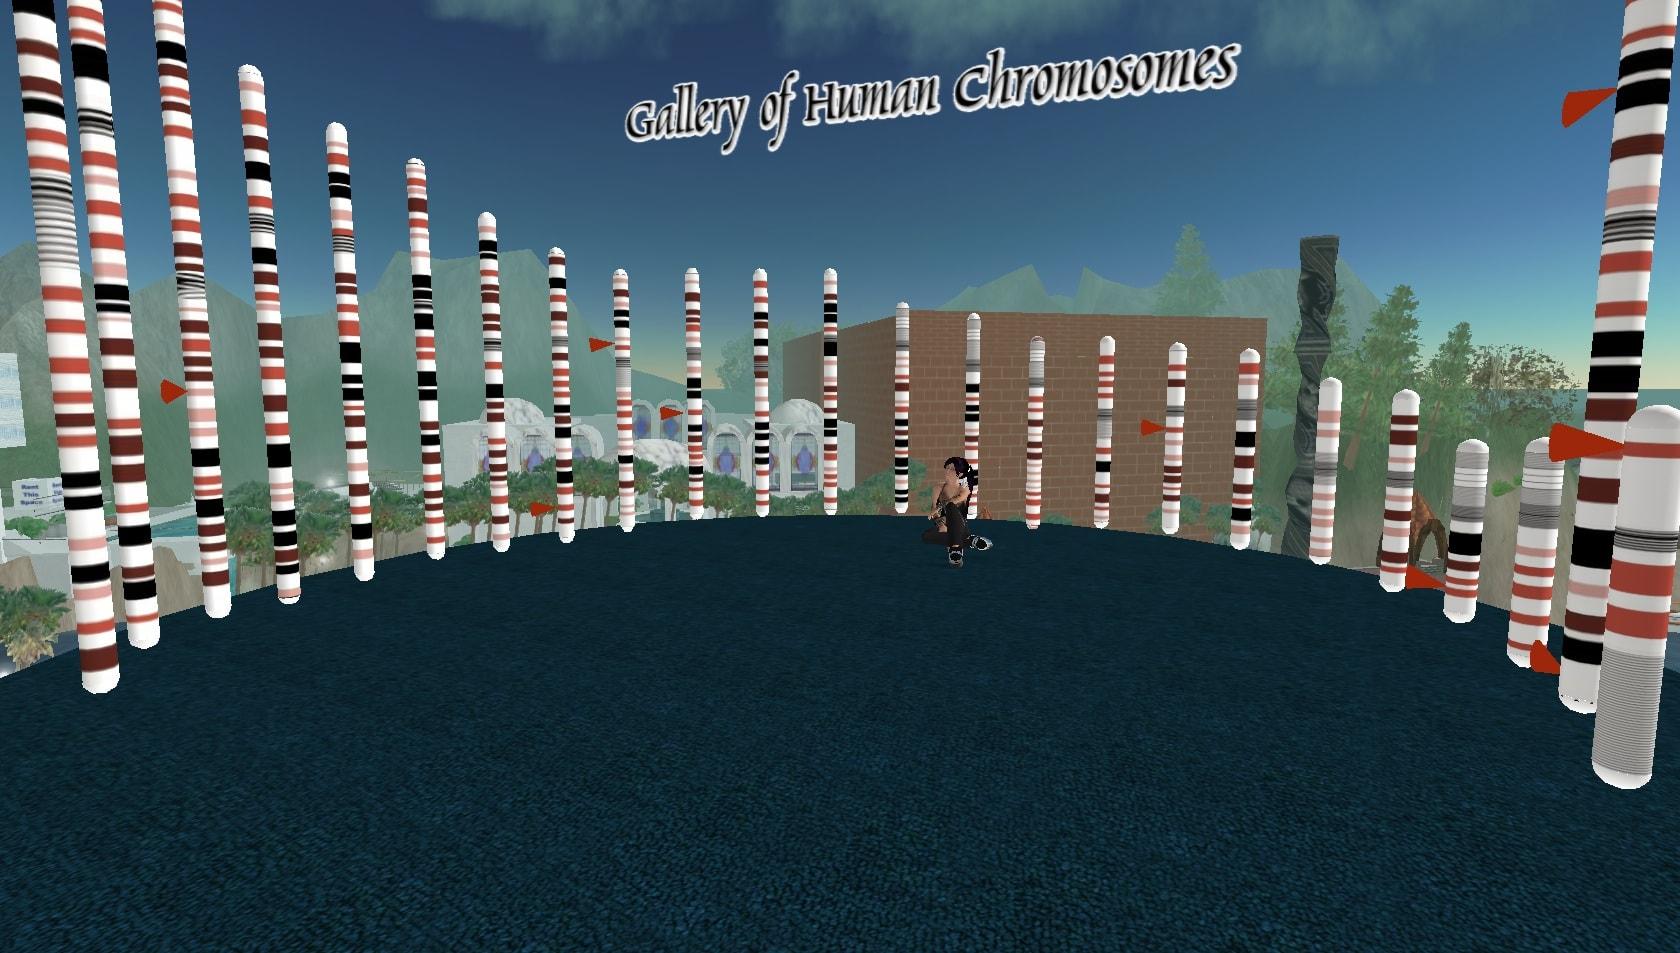 Die menschlichen Chromosomen in Second Life